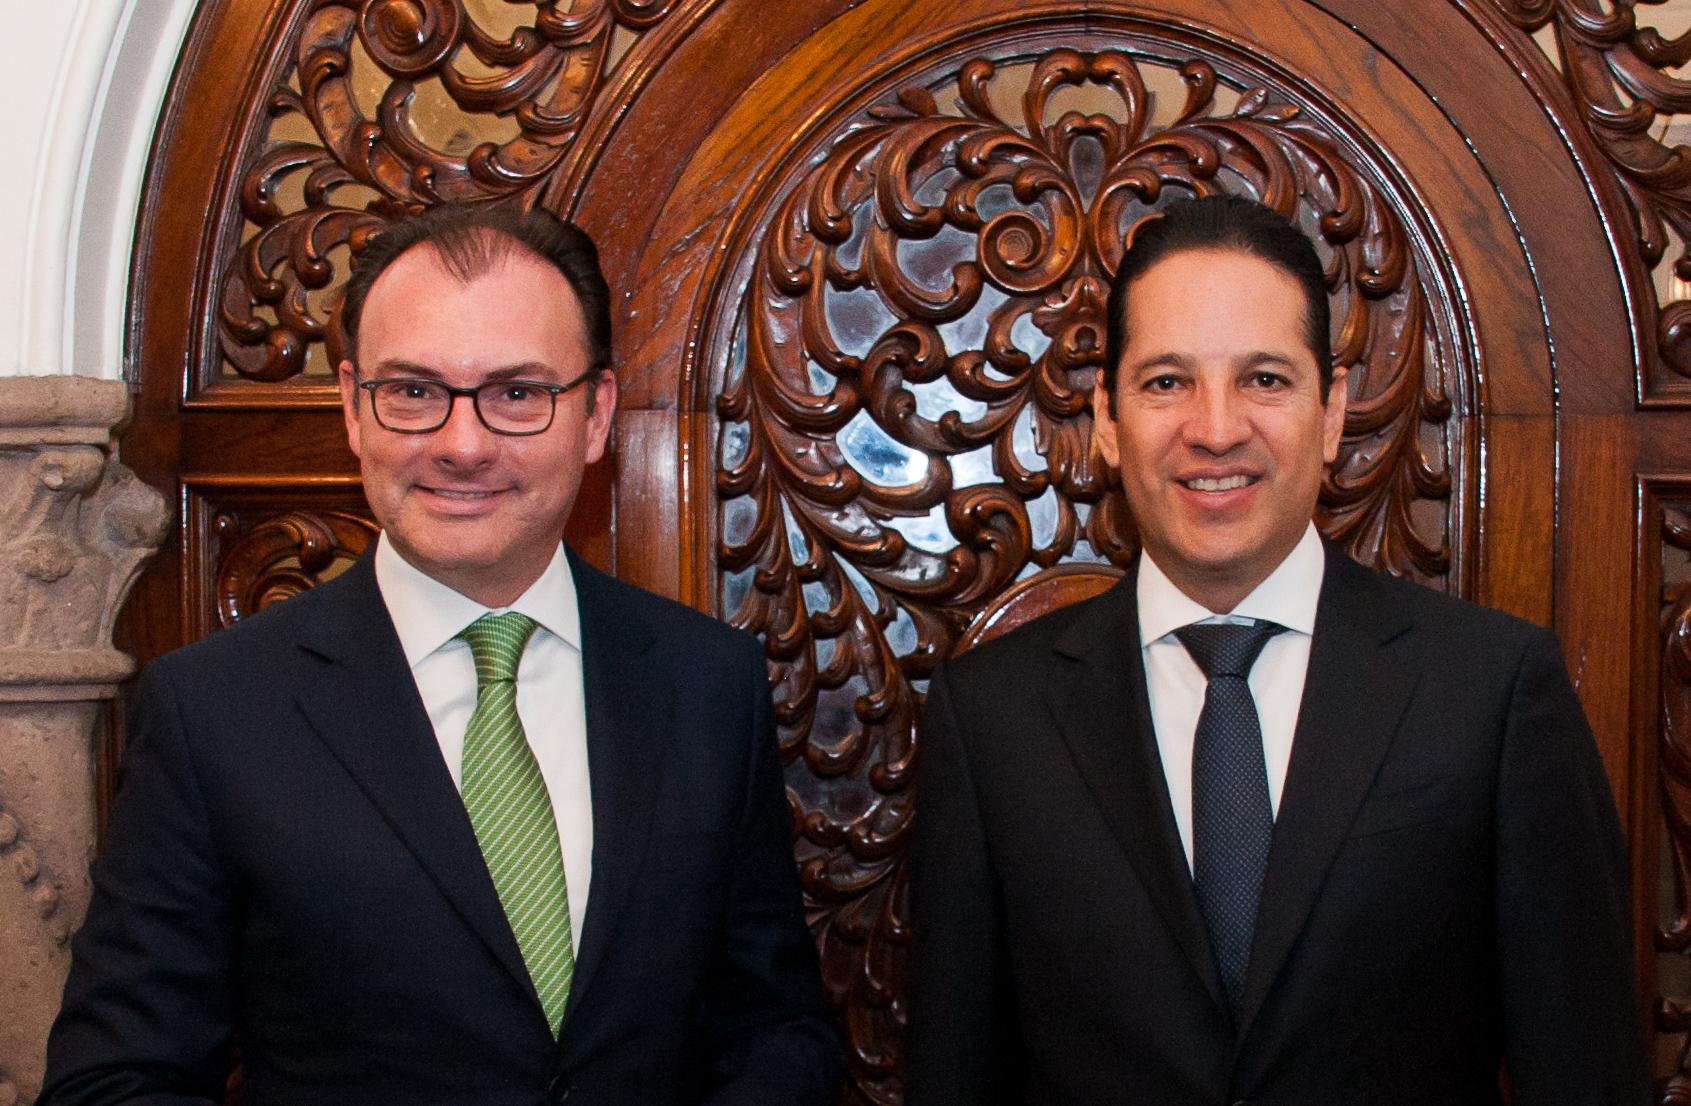 El Secretario de Hacienda, Luis Videgaray, con el gobernador electo de Querétaro, Francisco Domínguez